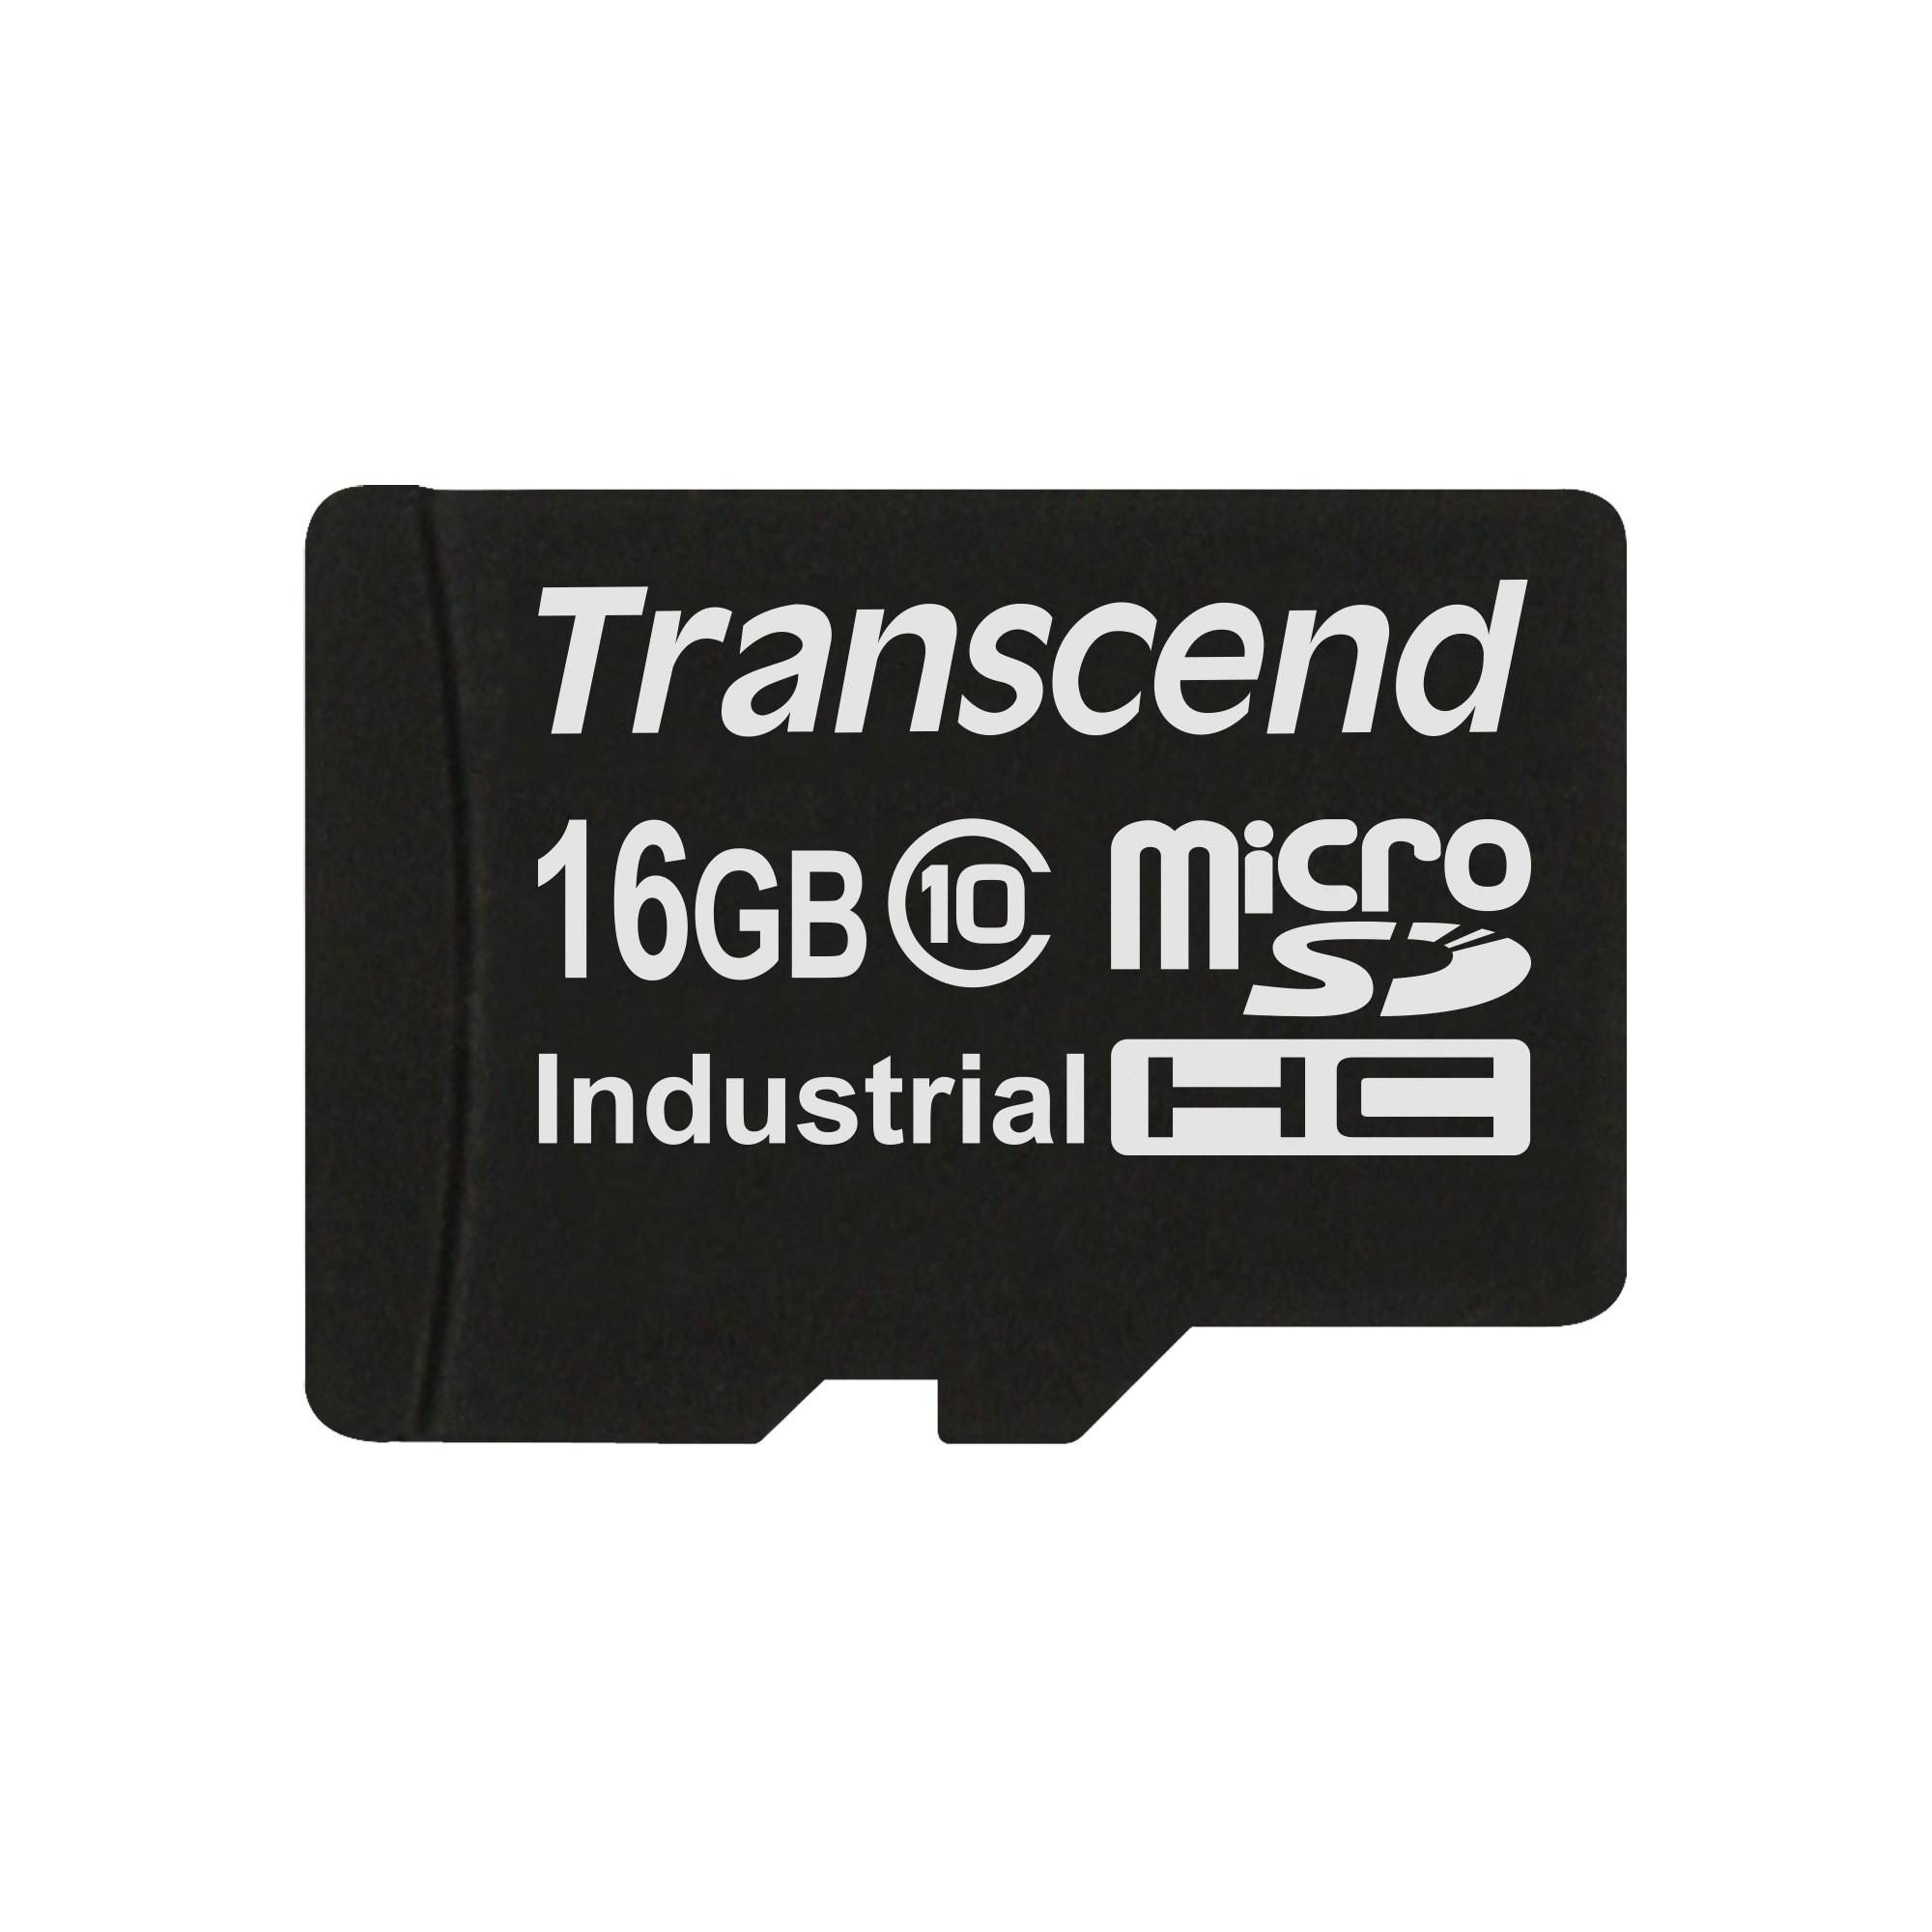 Картка пам'яті Transcend 16ГБ microSDHC Class 10 21МБ/с 15МБ/с MLC Промислового класу з широким діапазоном робочих температур (TS16GUSDC10I)